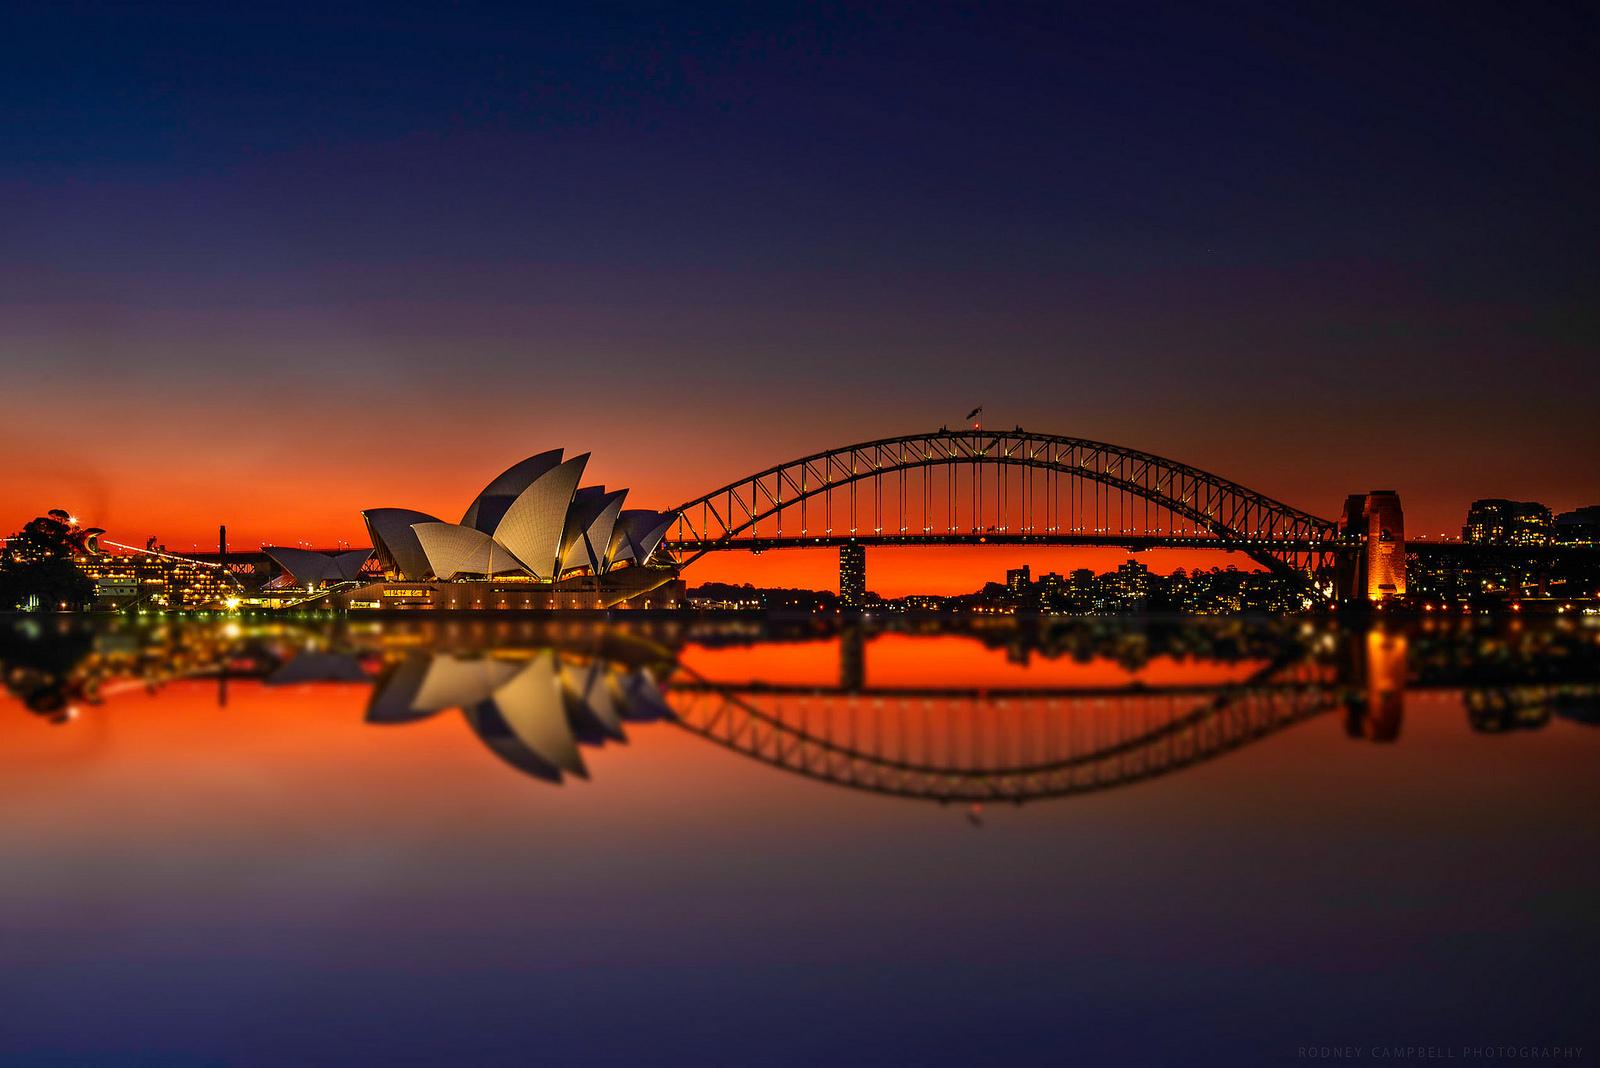 雪梨歌劇院和港灣大橋,都是雪梨著名的經典地標。(Flickr授權作者-Rodney Campbell)